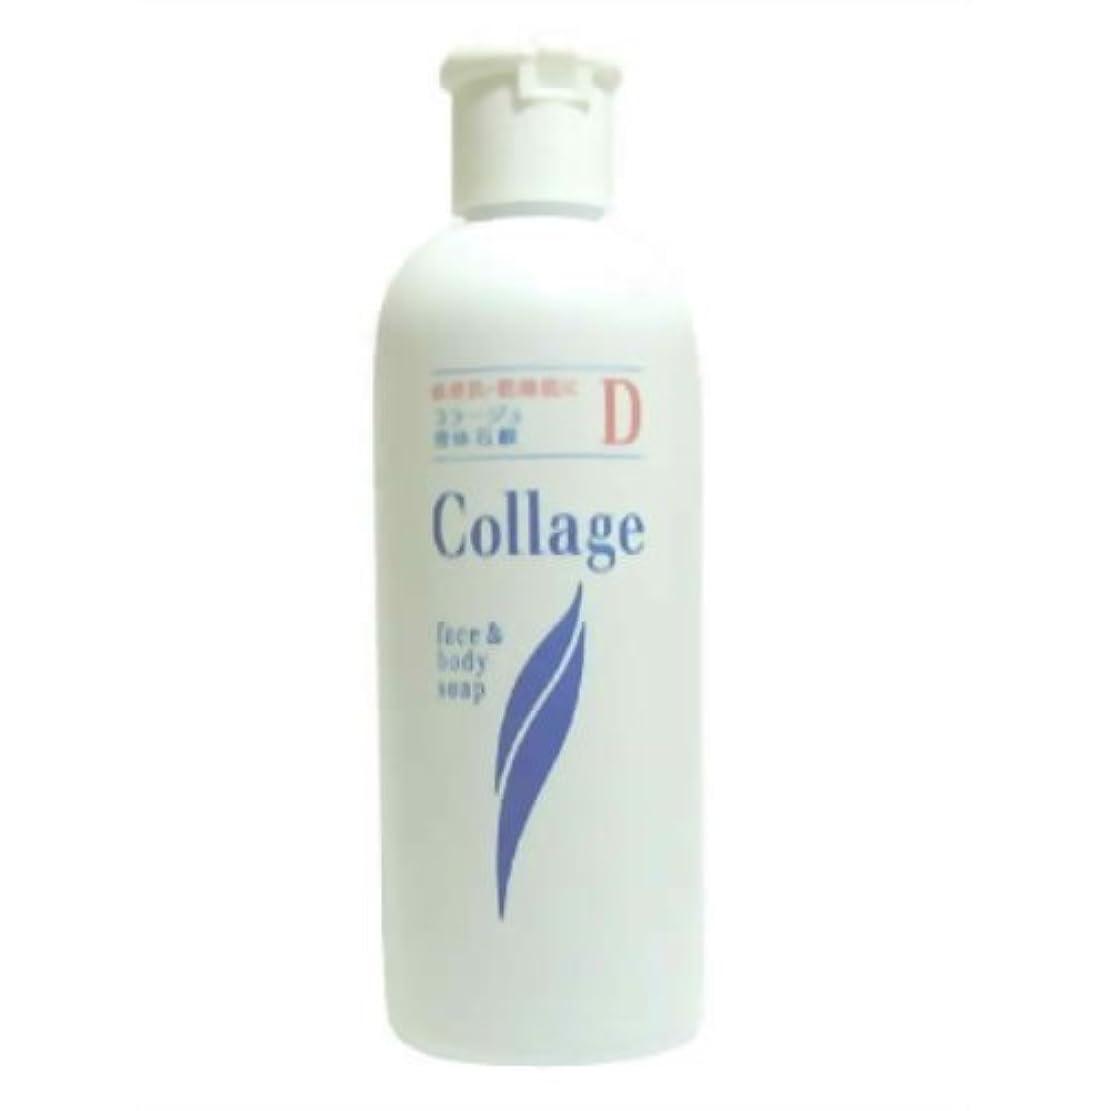 モーション役立つ良さコラージュD液体石鹸 200ml